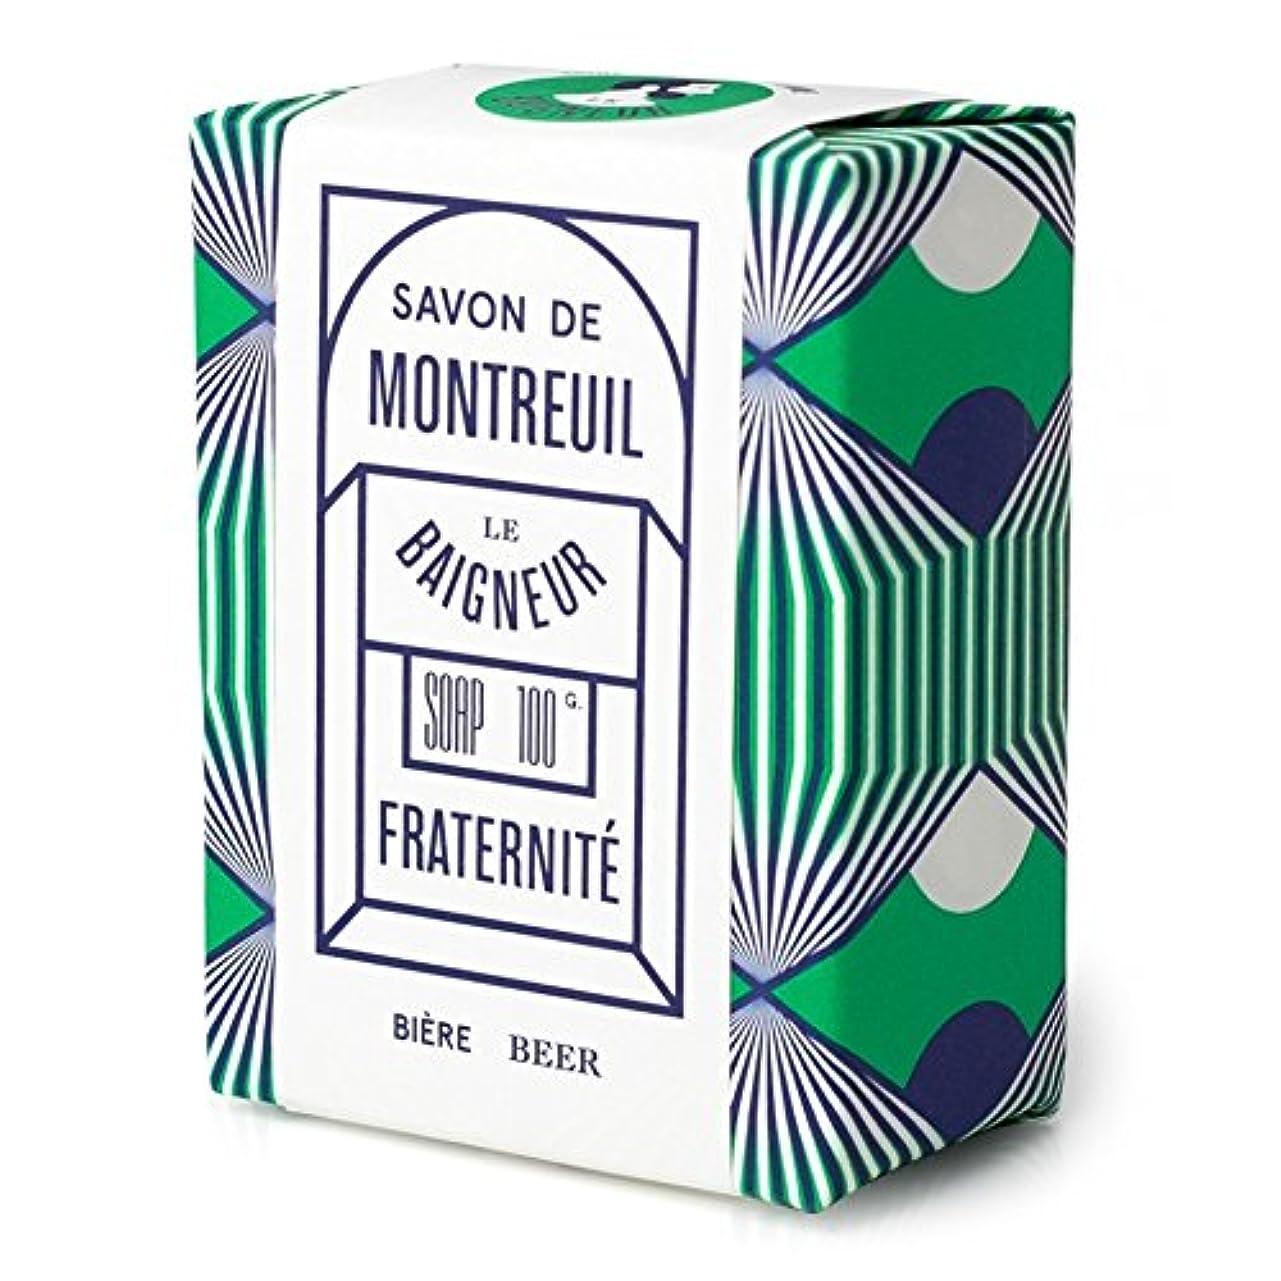 競争証人アラブル 石鹸100グラム x2 - Le Baigneur Fraternite Soap 100g (Pack of 2) [並行輸入品]